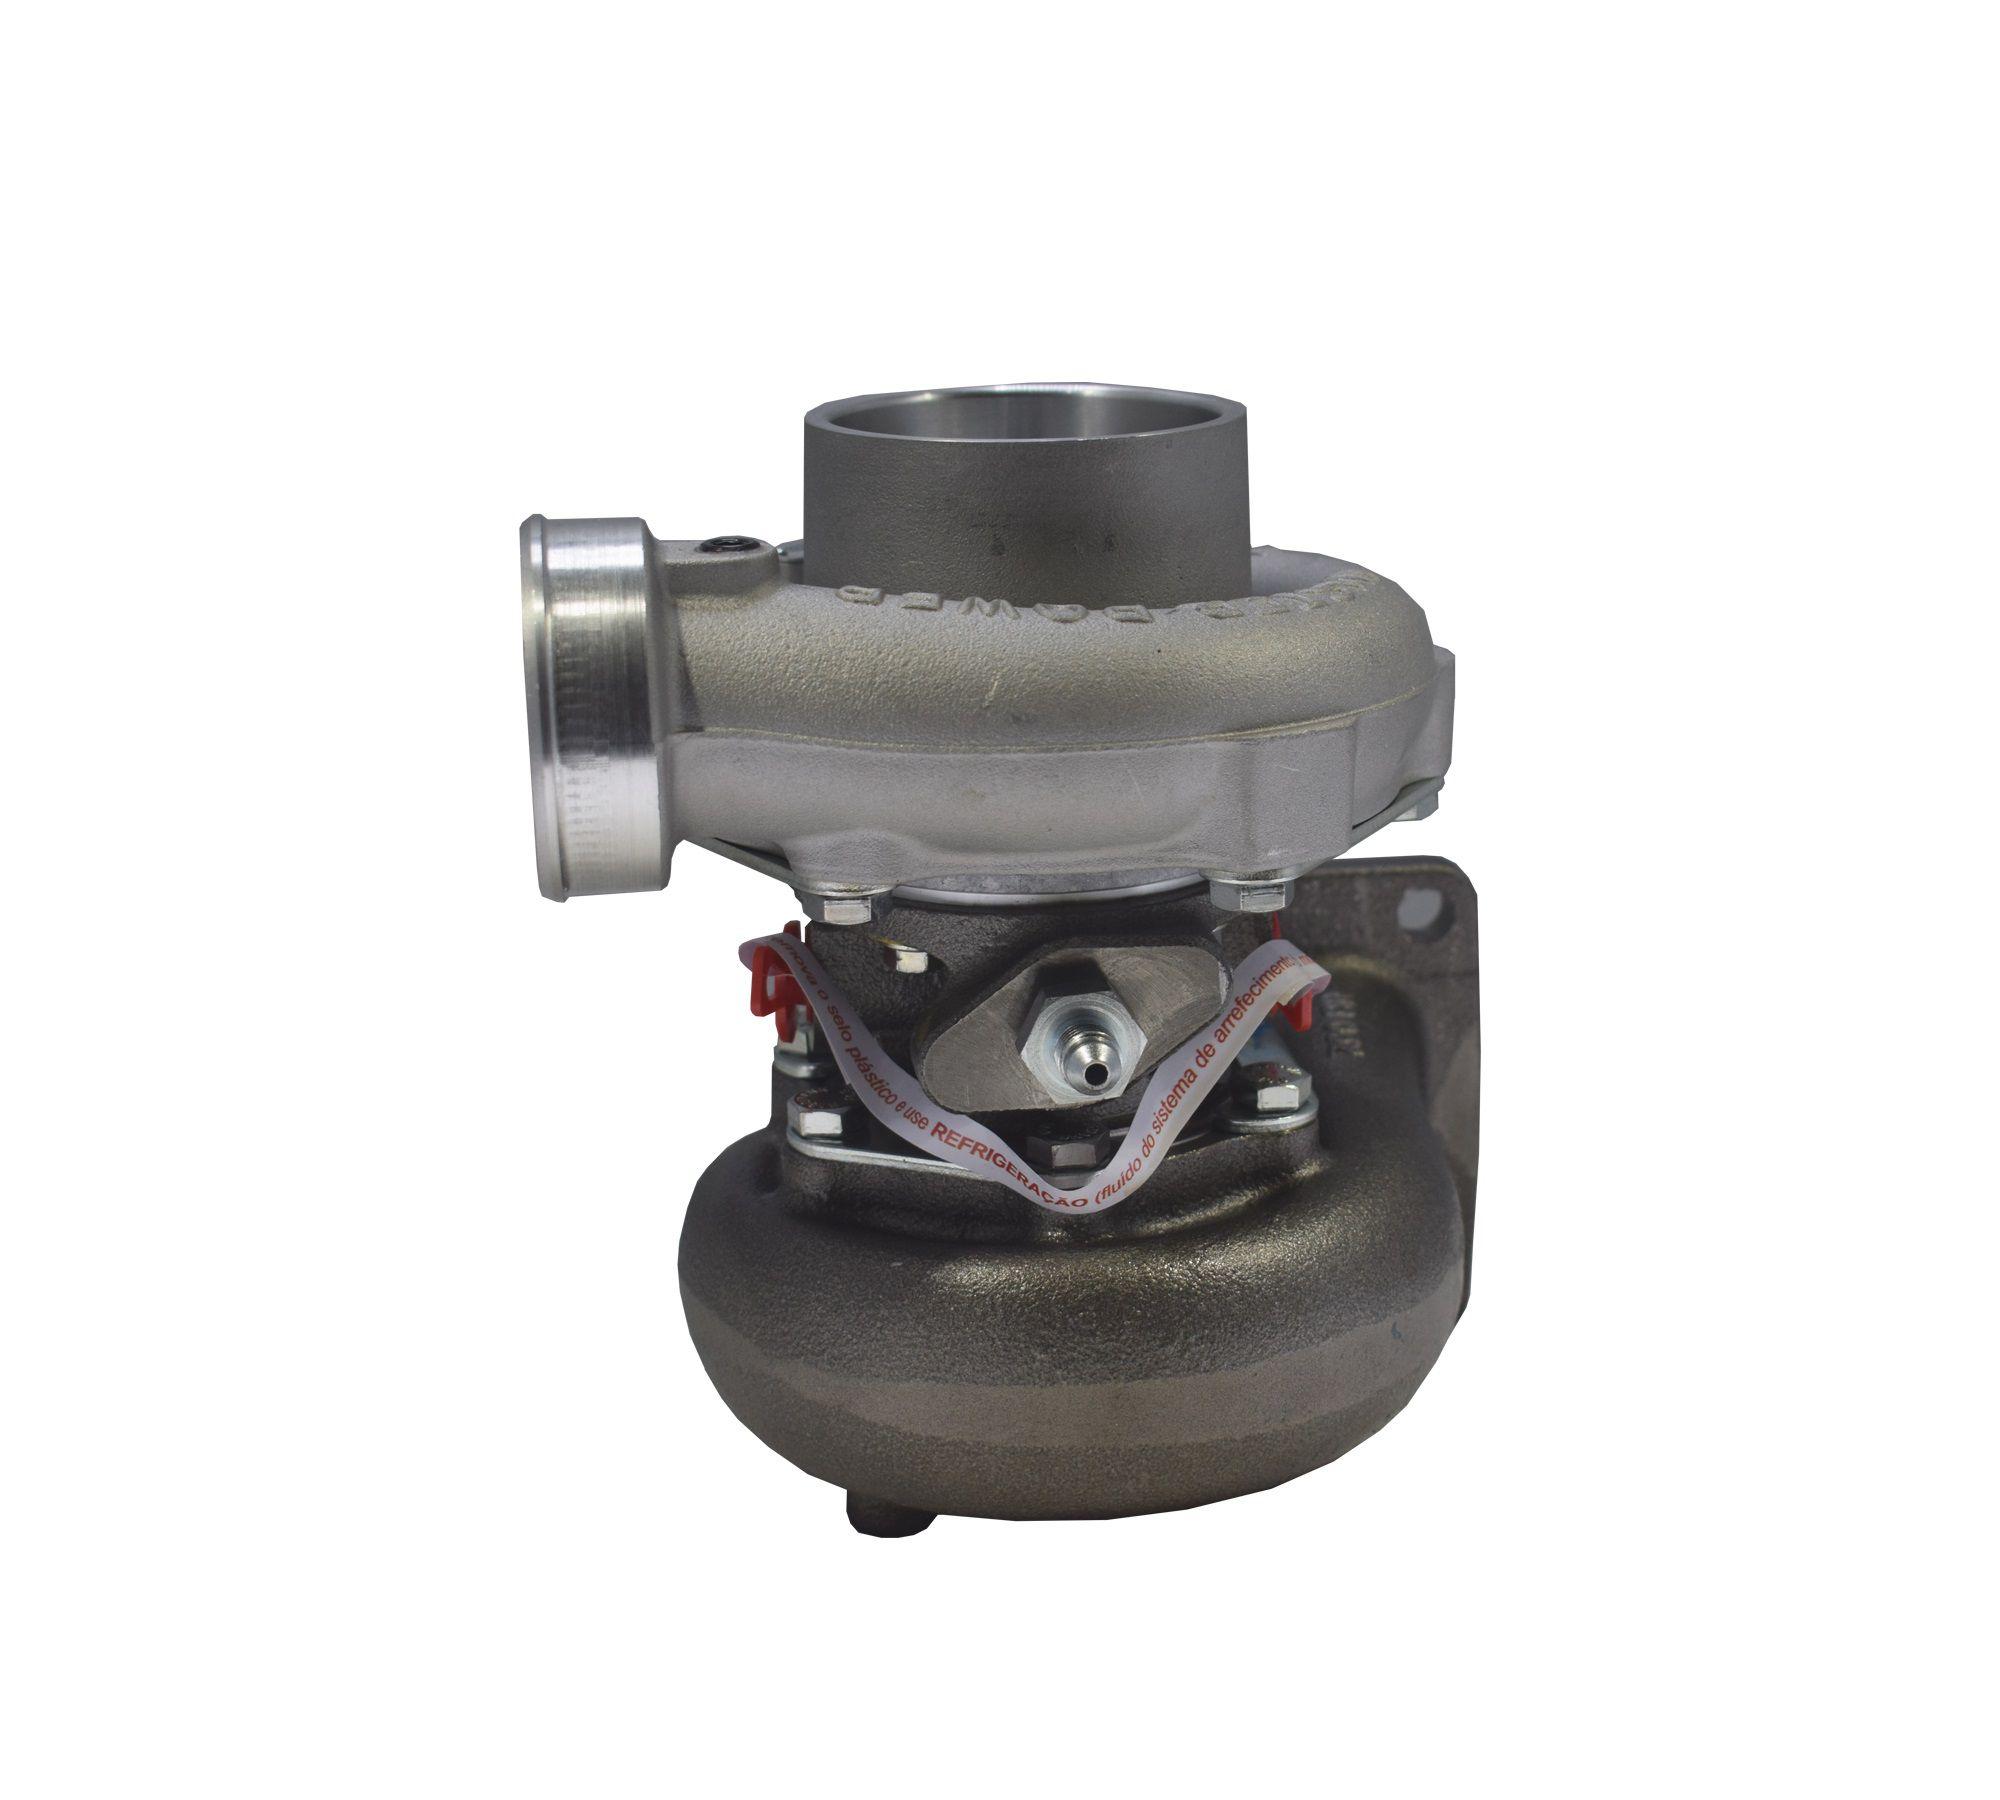 Turbina Roletada / Bearing Master Power - RB 4449 70. Pulsativa